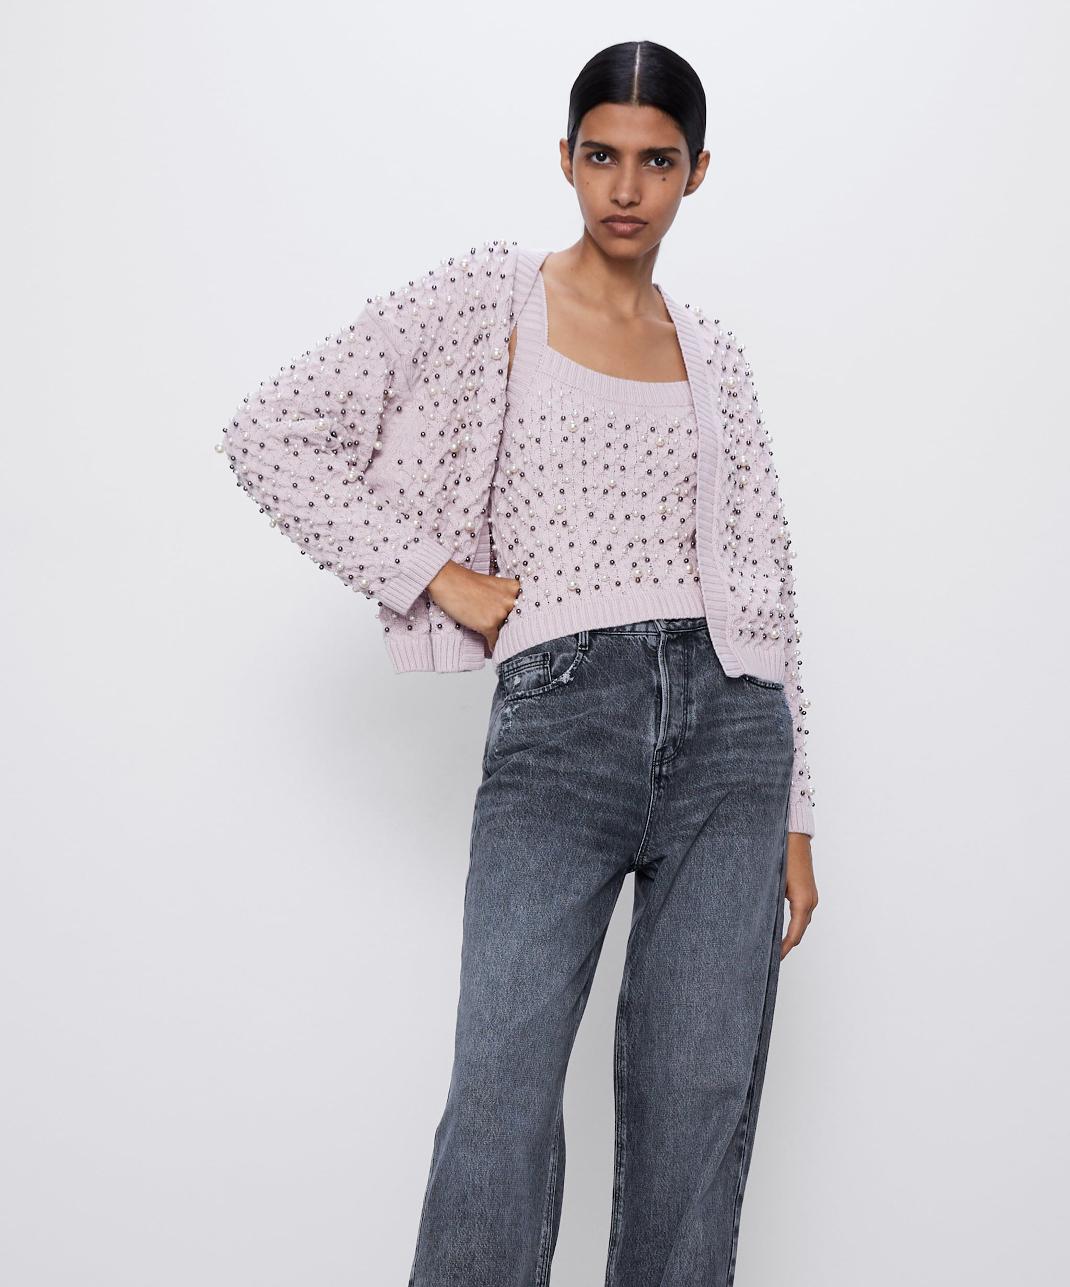 μοντέλο με ζακέτα Zara